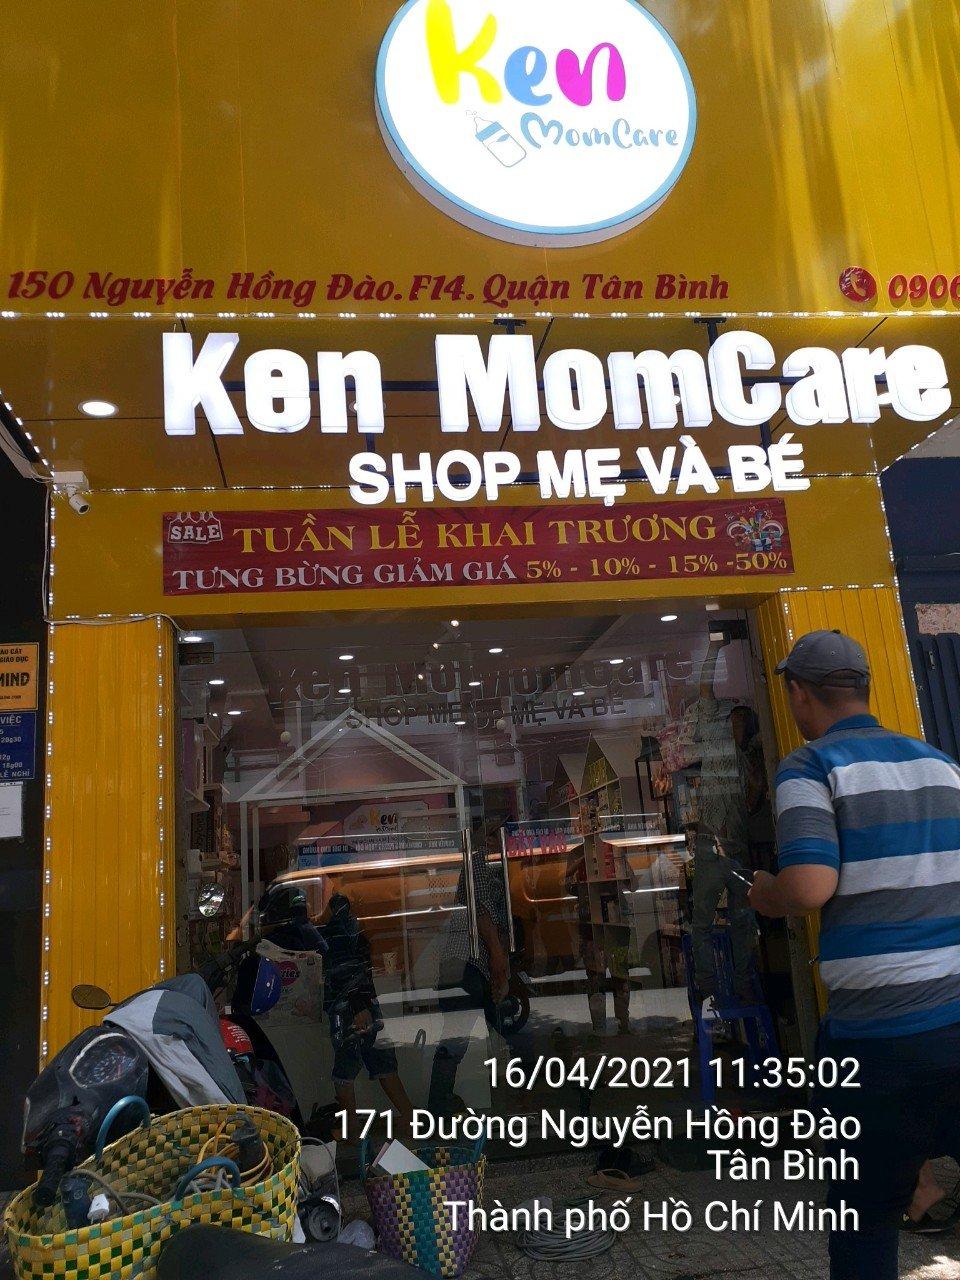 Ken Momcare 150 Nguyễn Hồng Đào, Phường 13 0906817987